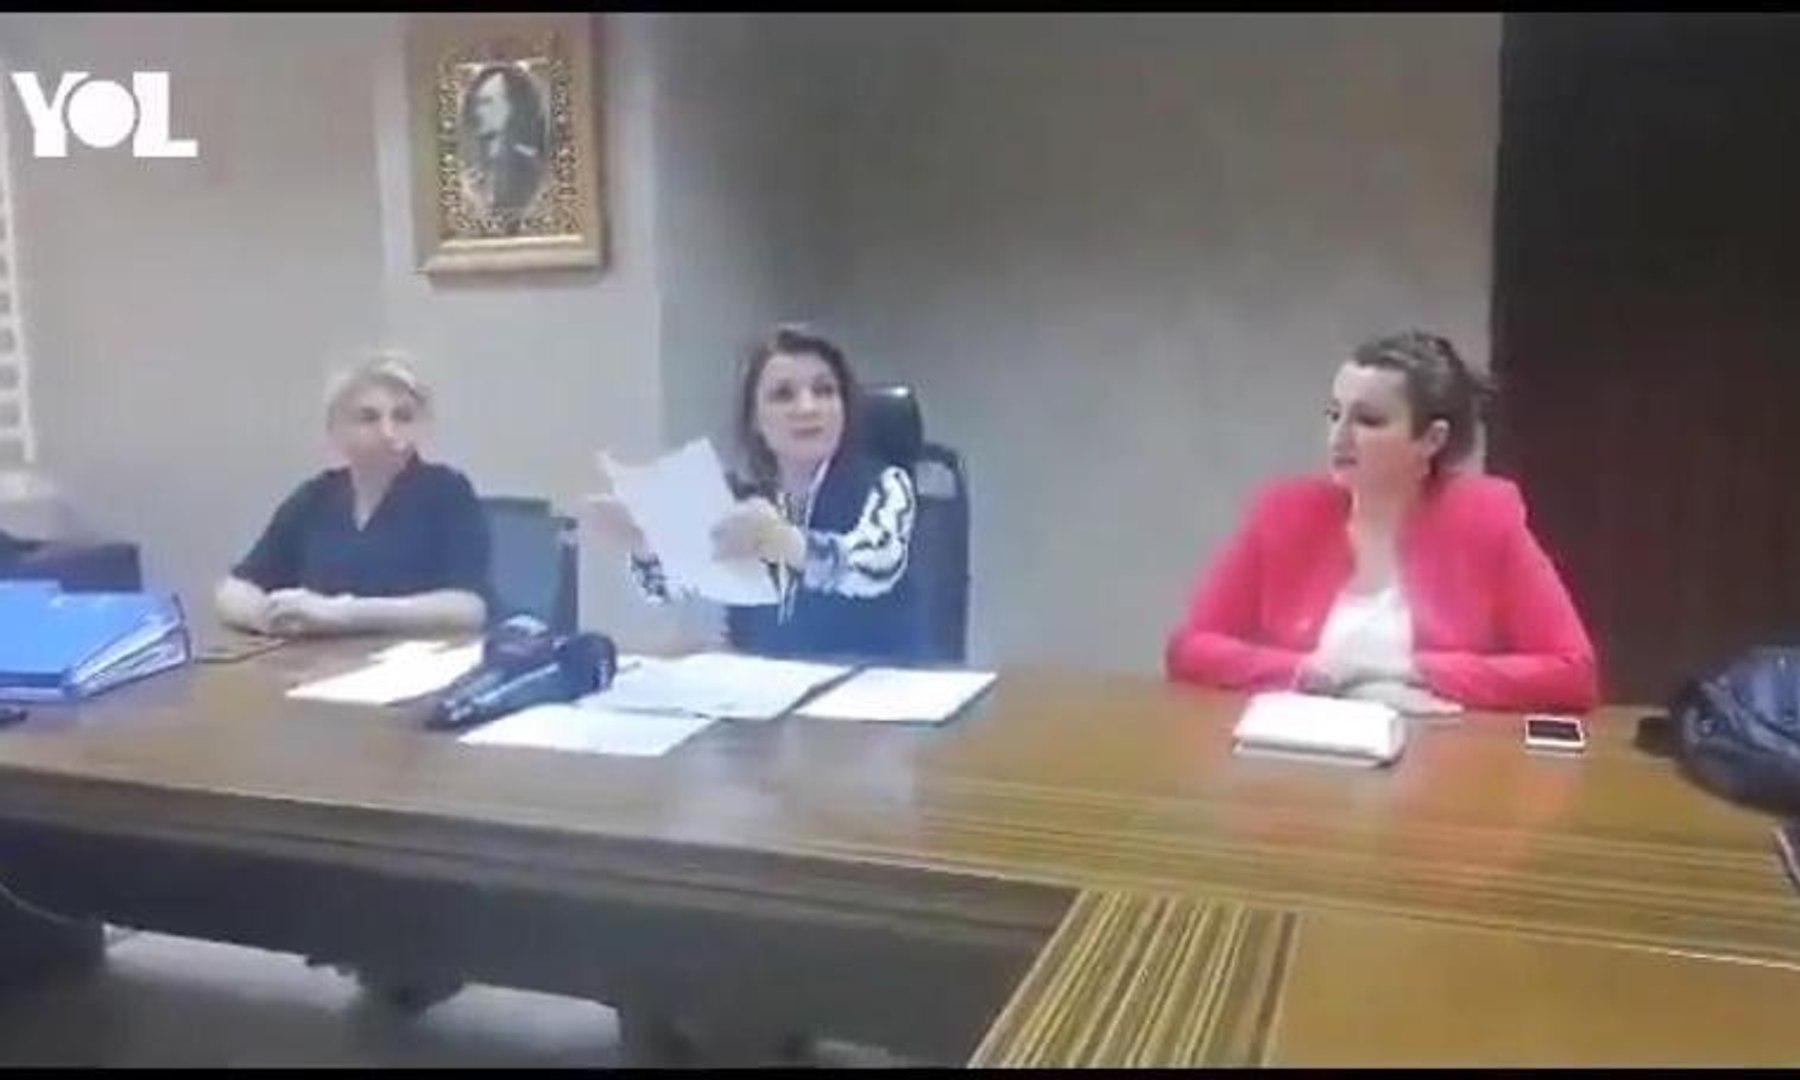 Fatma Kaplan Hürriyet, bankamatik memurlarını ifşa etti